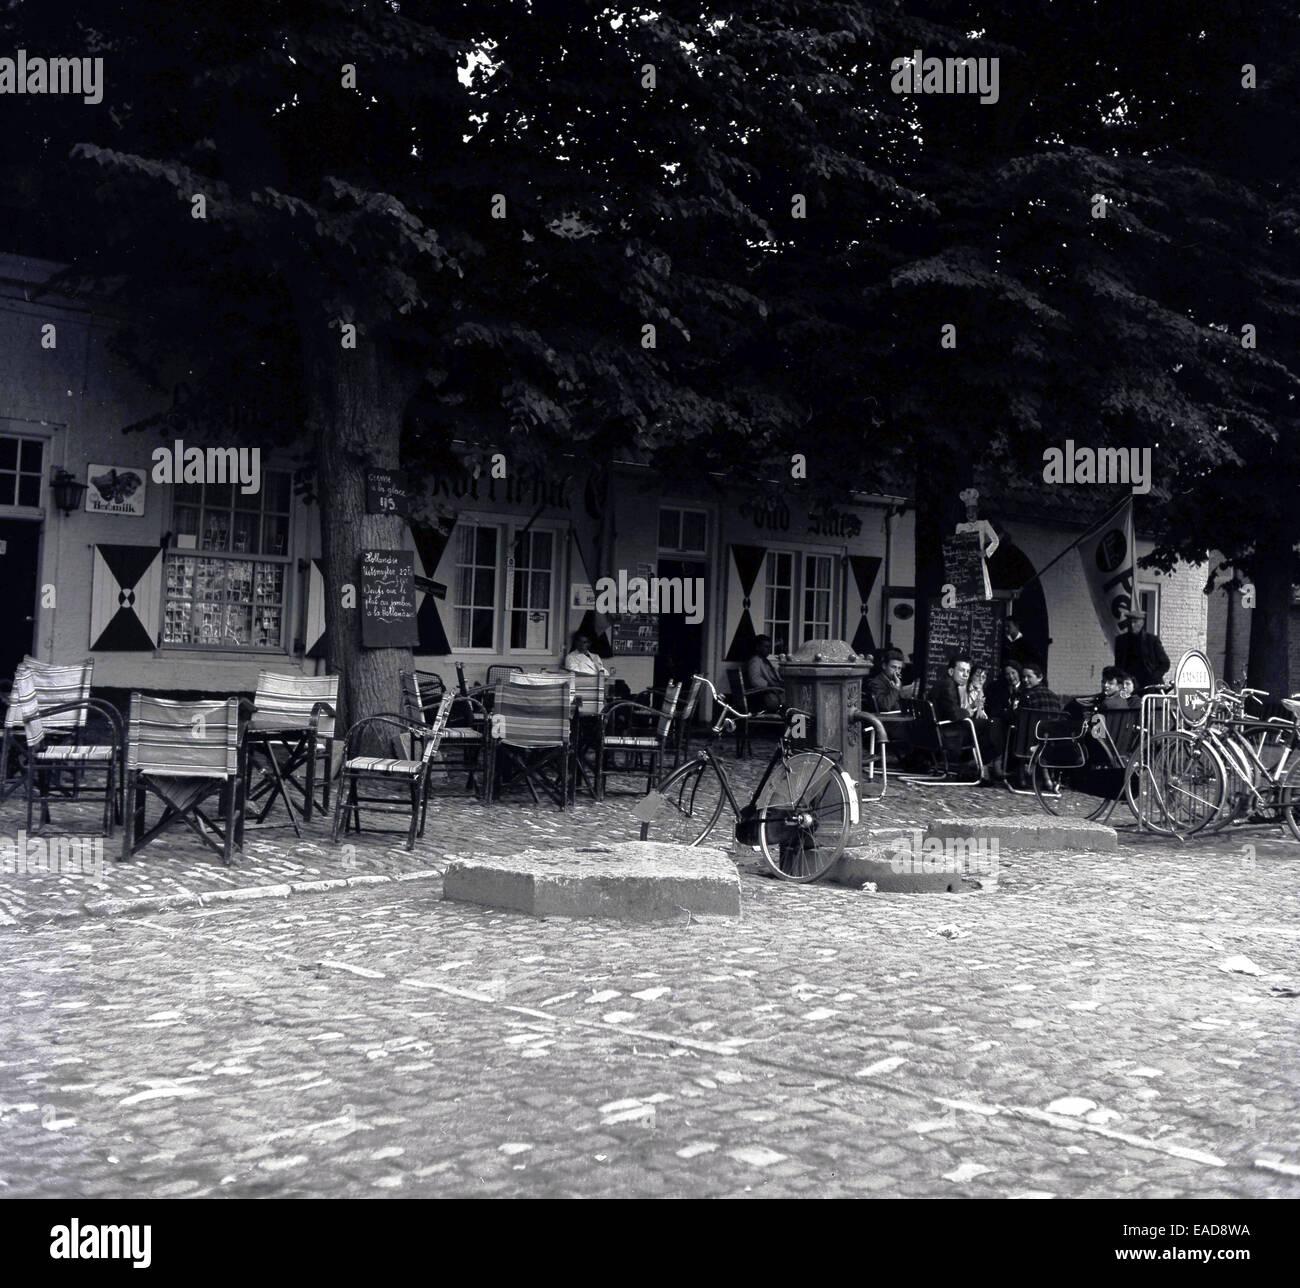 1950 foto histórica de bicicletas estacionados fuera una cafetería, Bélgica. Imagen De Stock